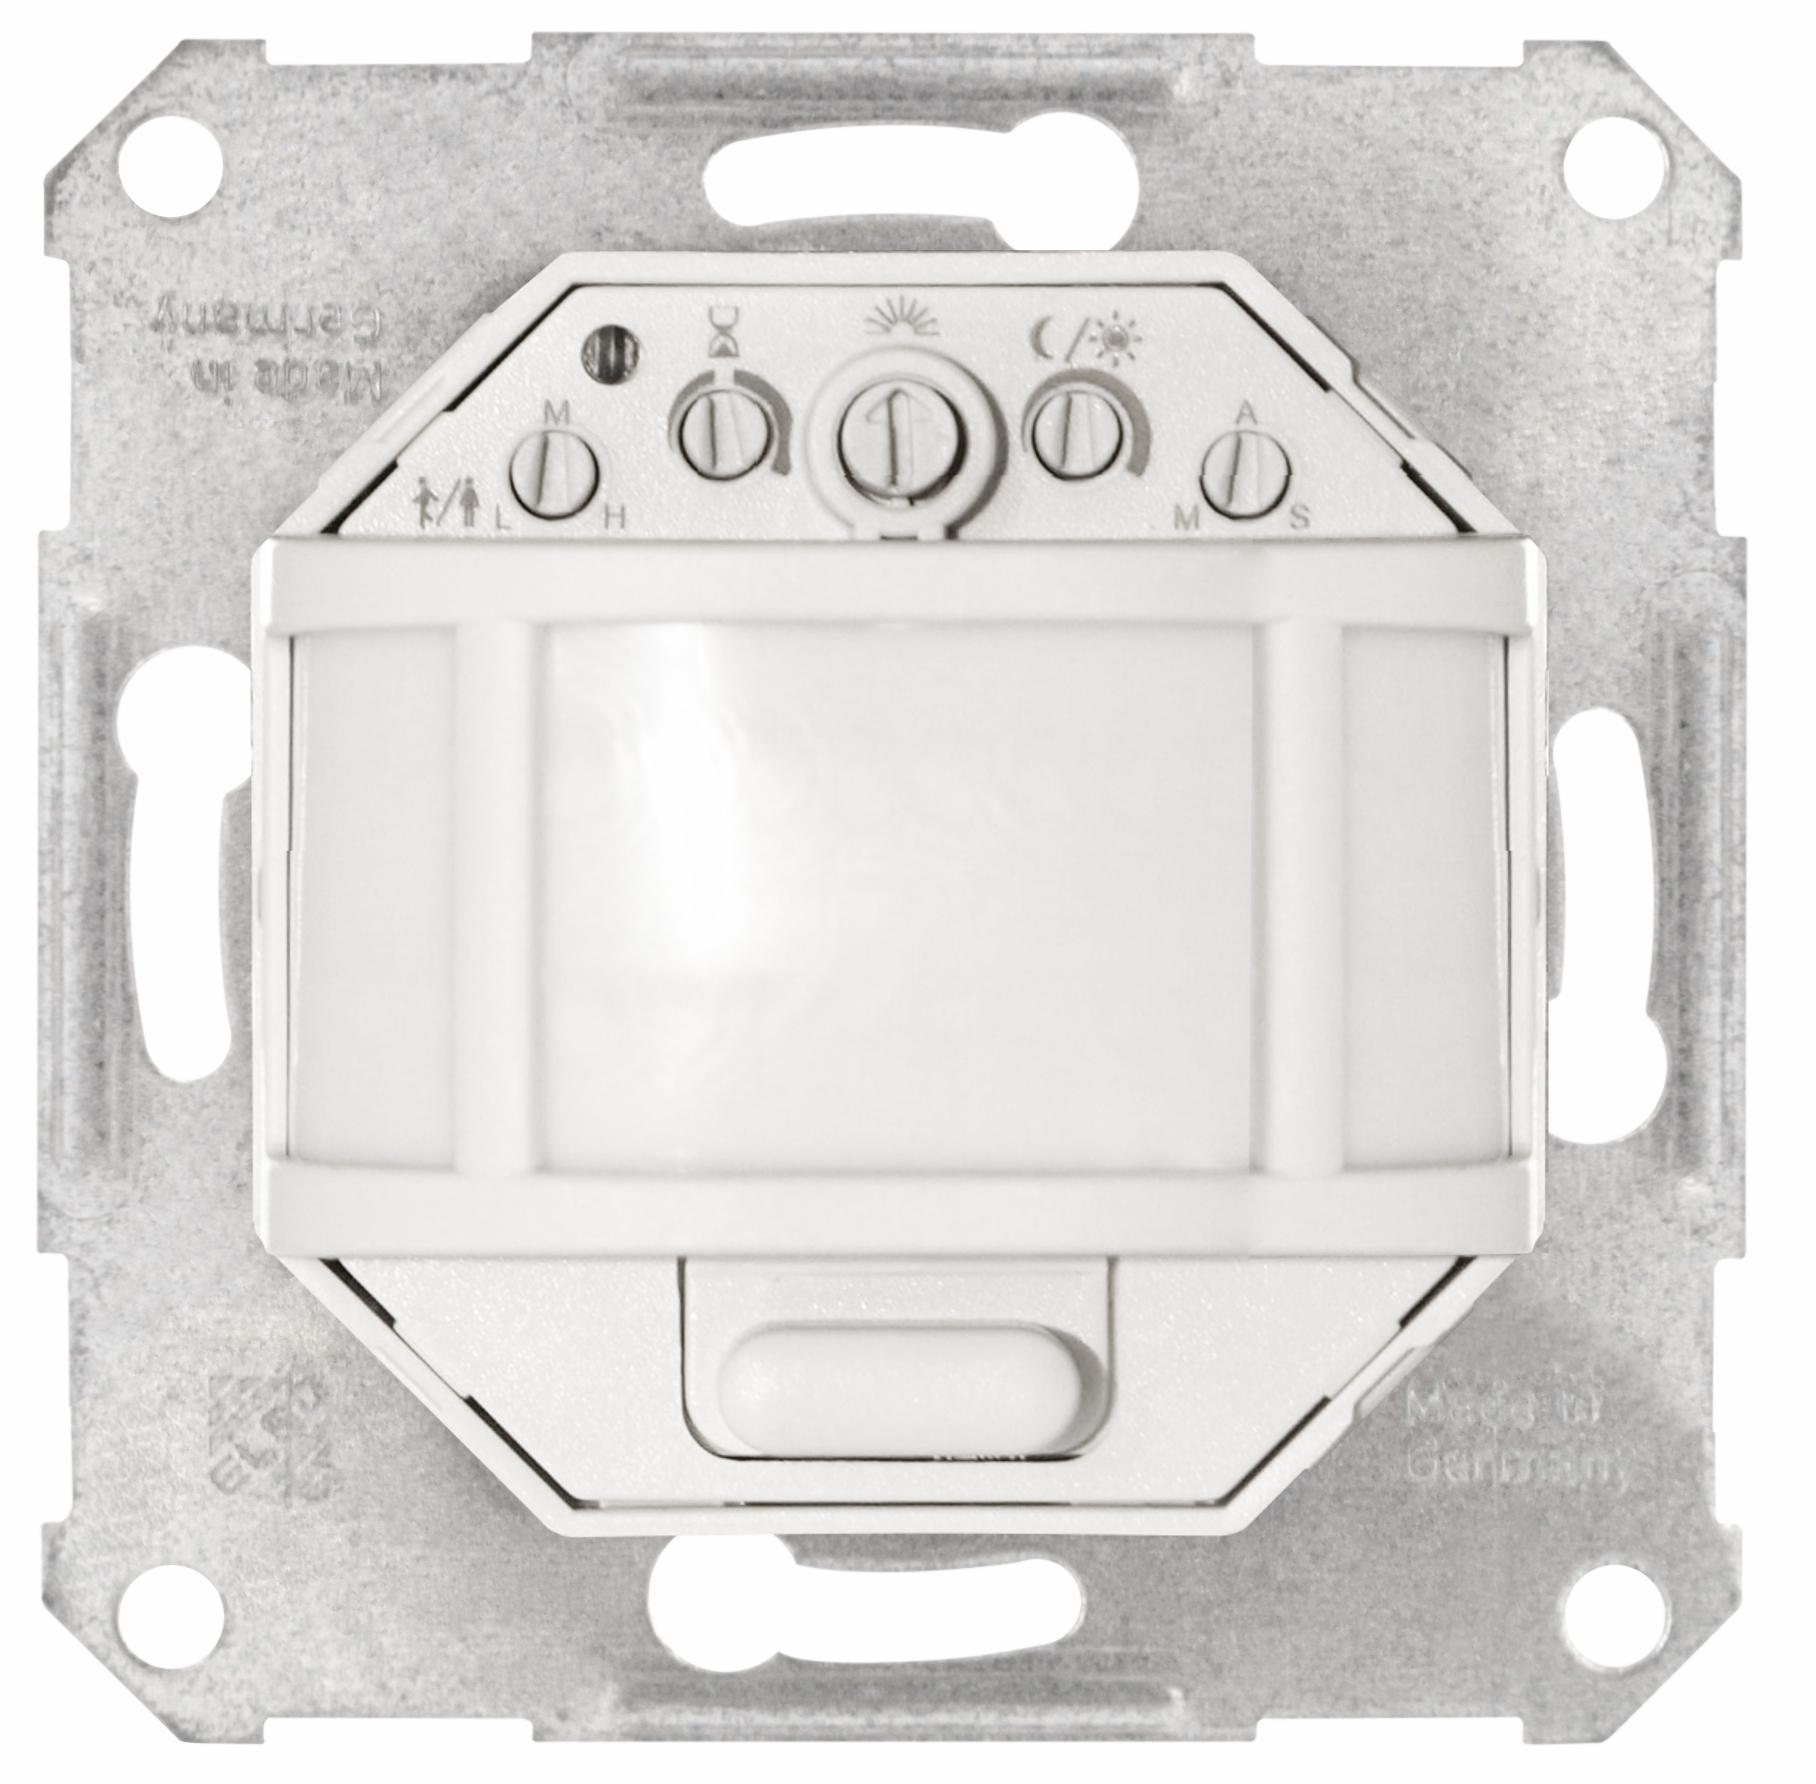 1 Stk UP PIR Passivinfrarot Einsatz 180 Grad, 2-Leiter, bis 350W EL171120--